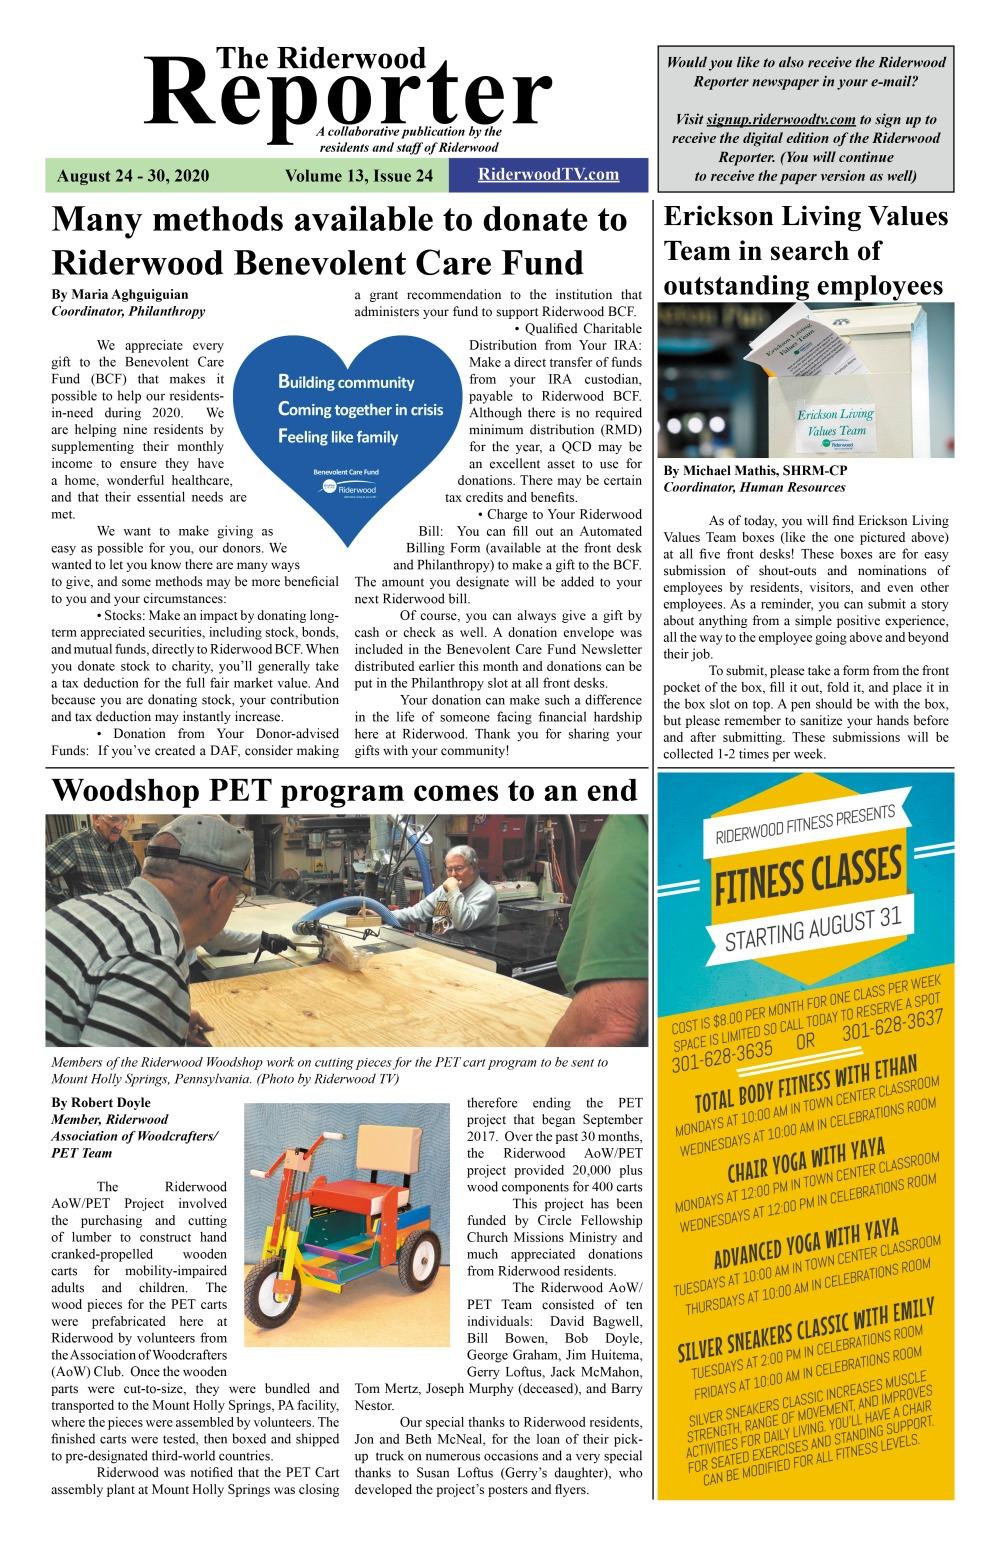 RRNewspaper2020-08-24_FINAL